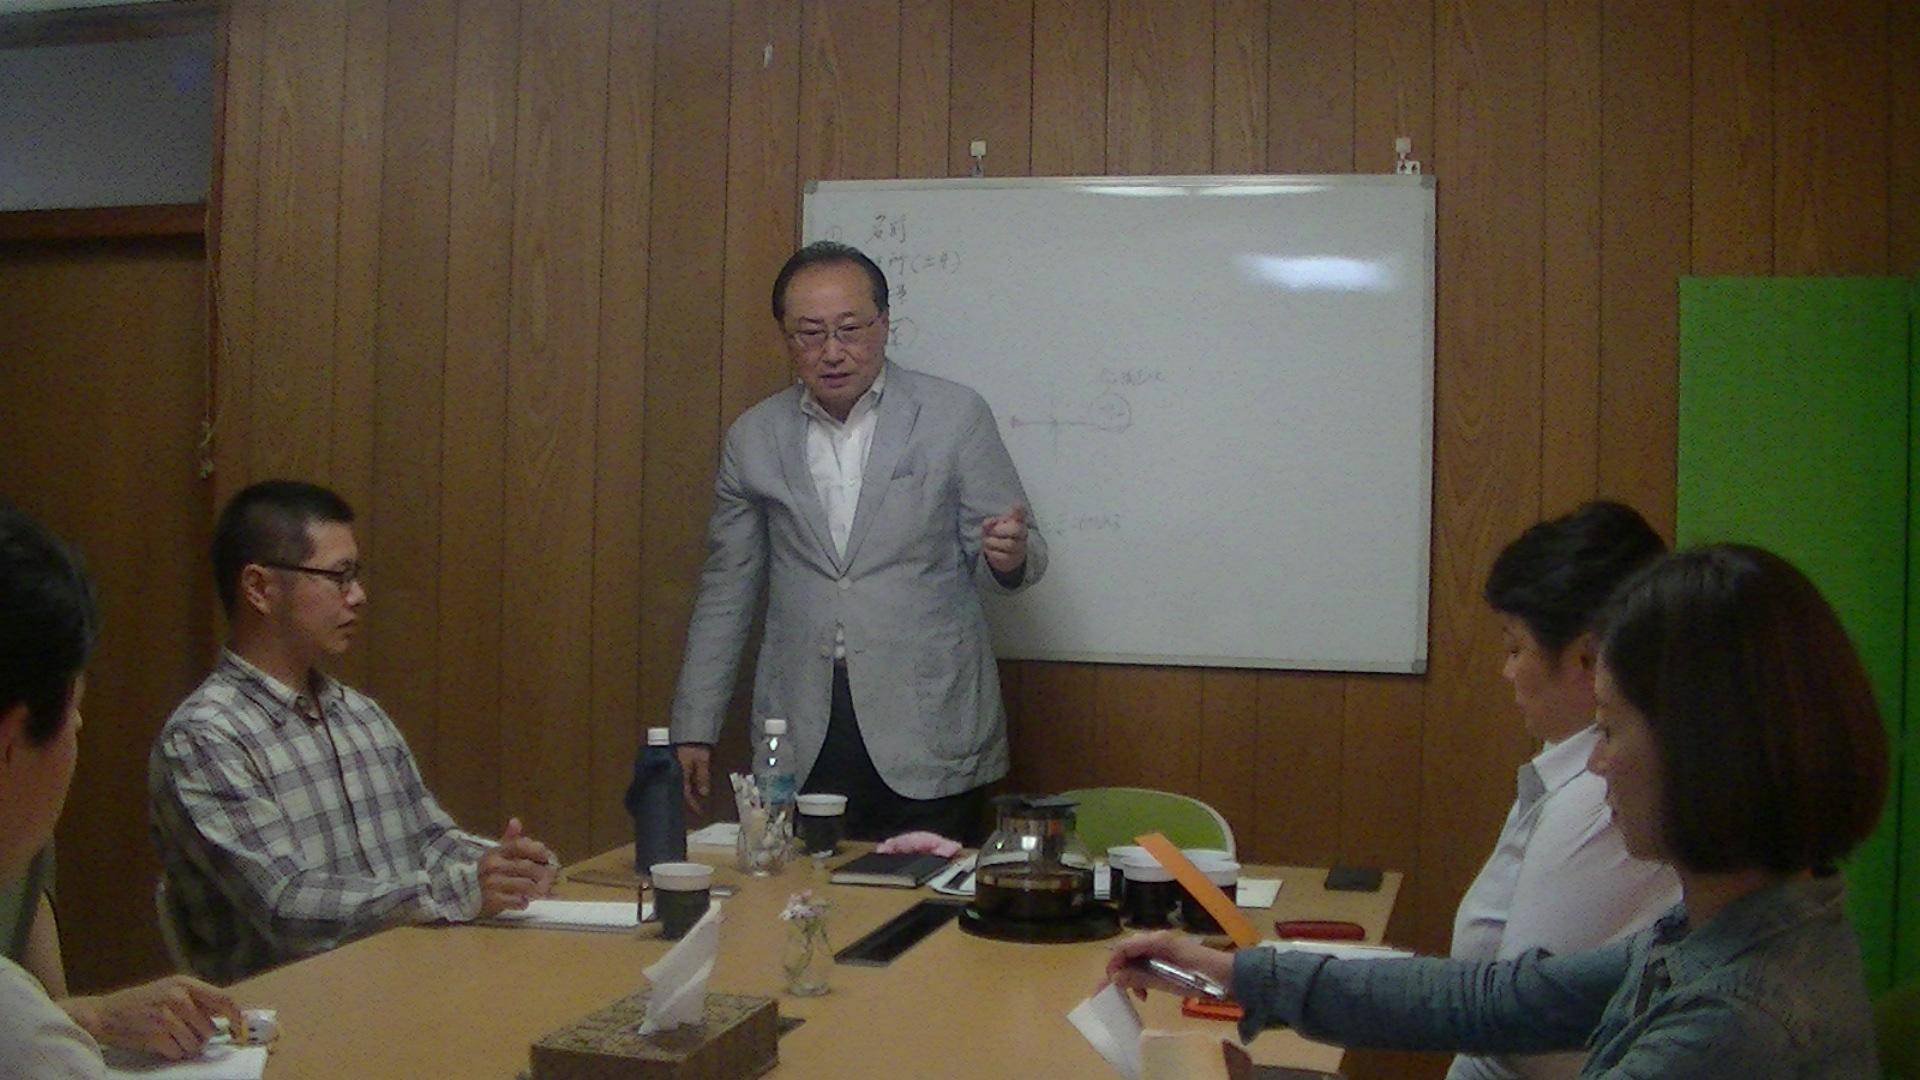 PIC 0057 1 - 兼ちゃん先生のしあわせ講座